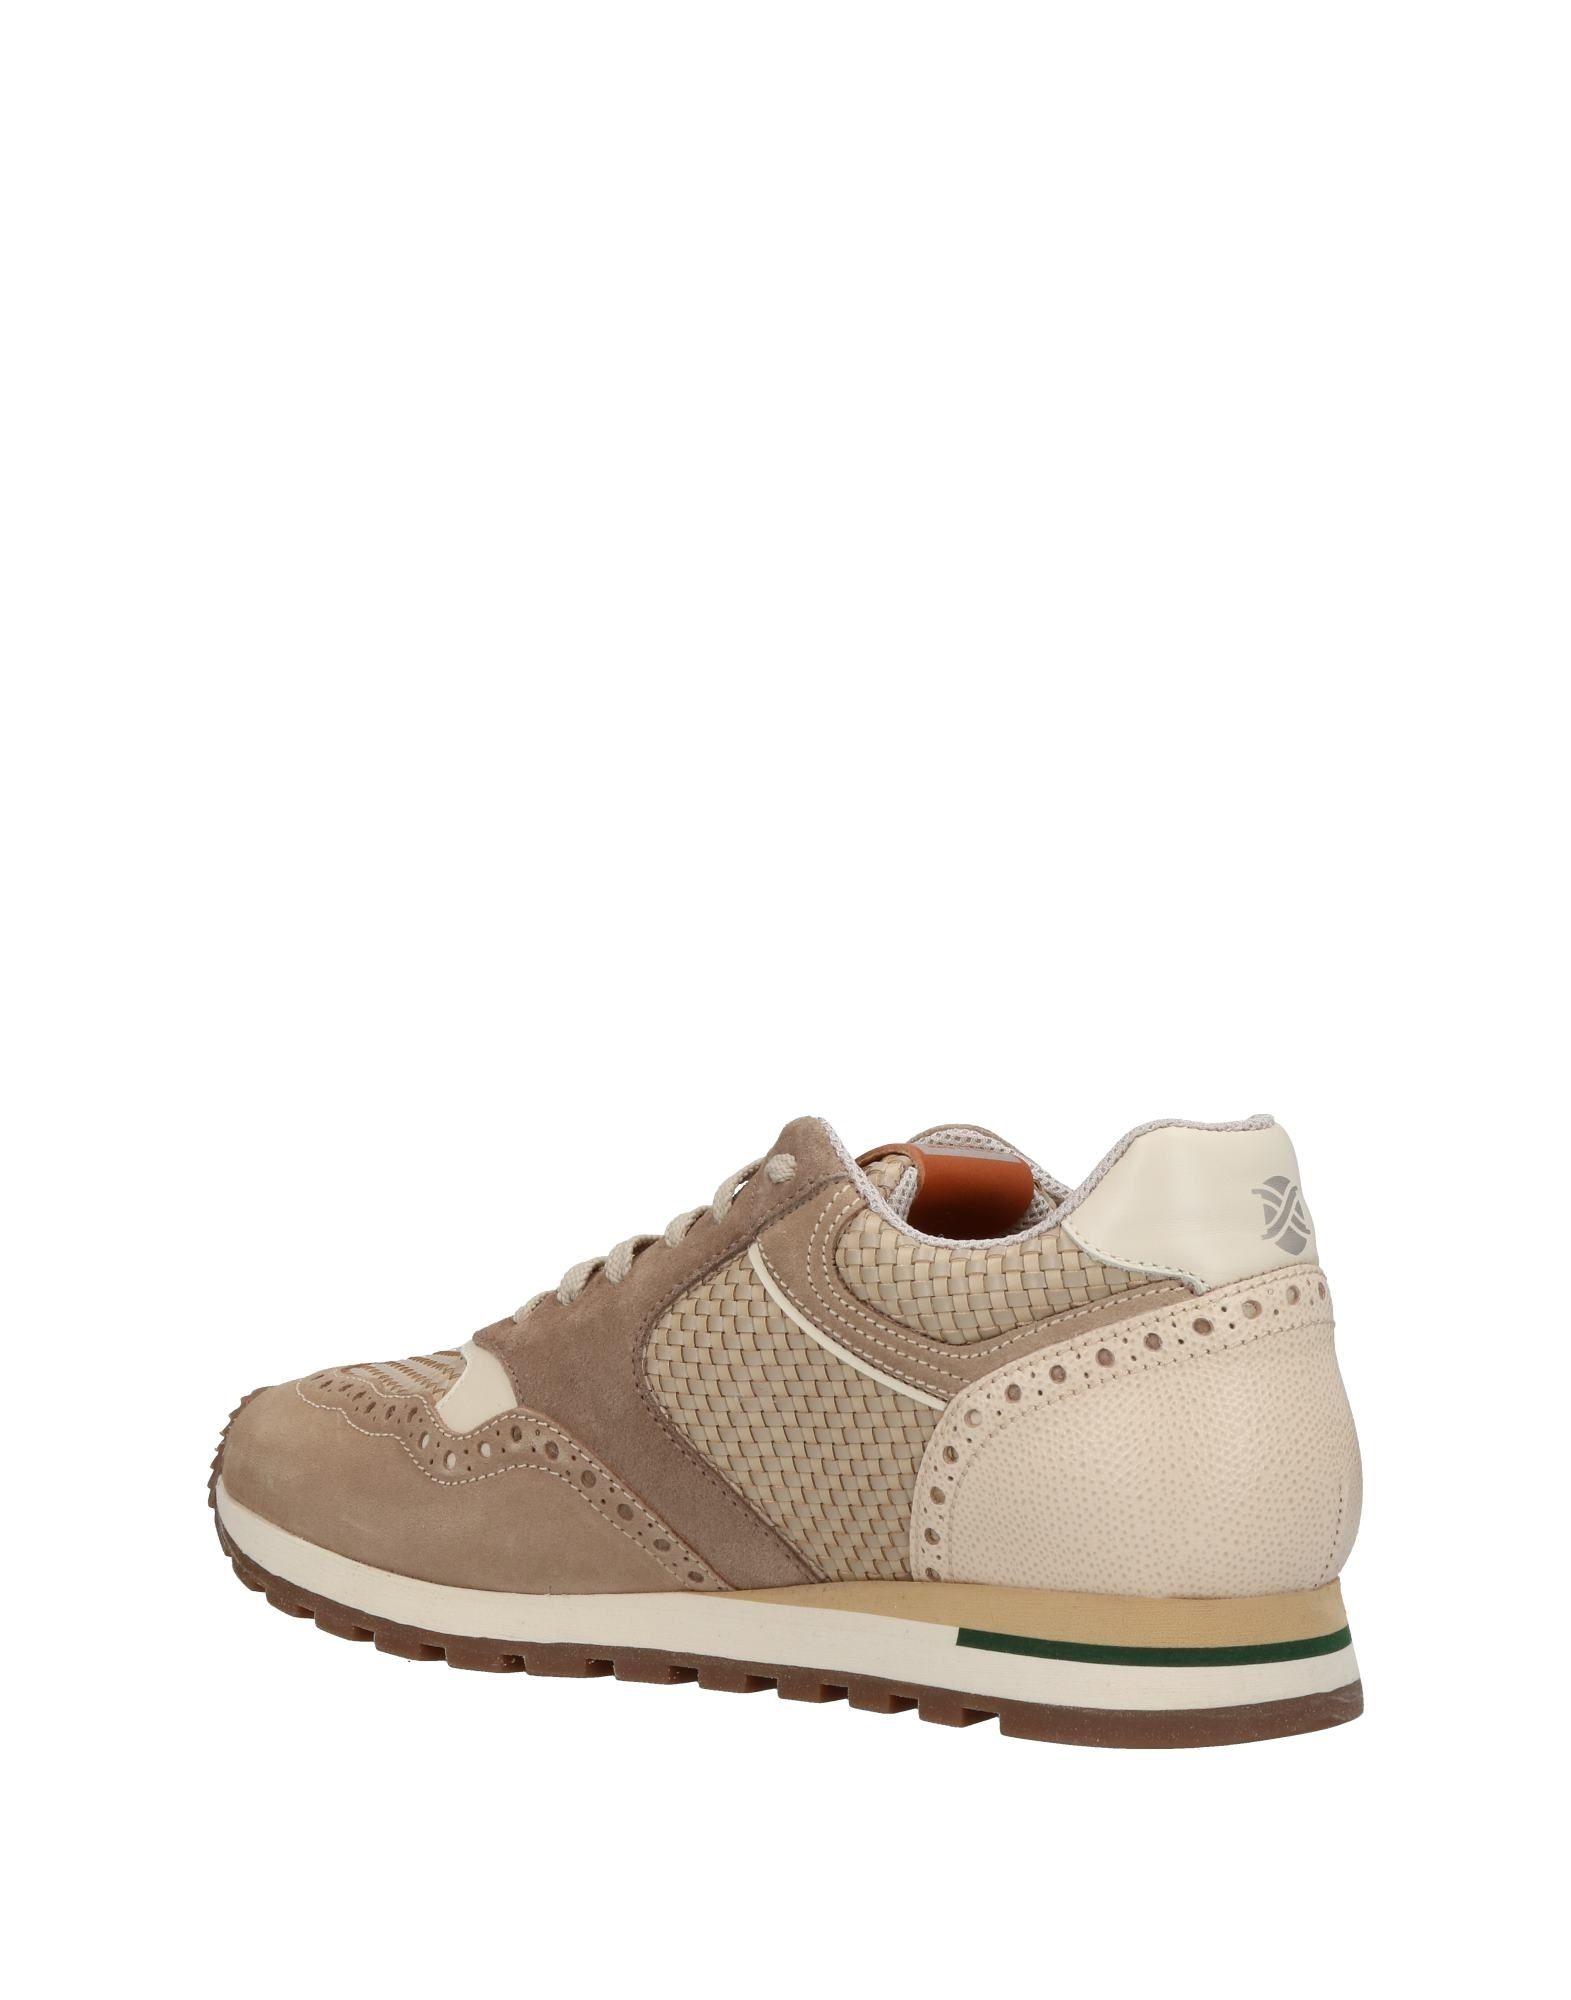 11373598OK Brimarts Sneakers Herren  11373598OK  3985f9